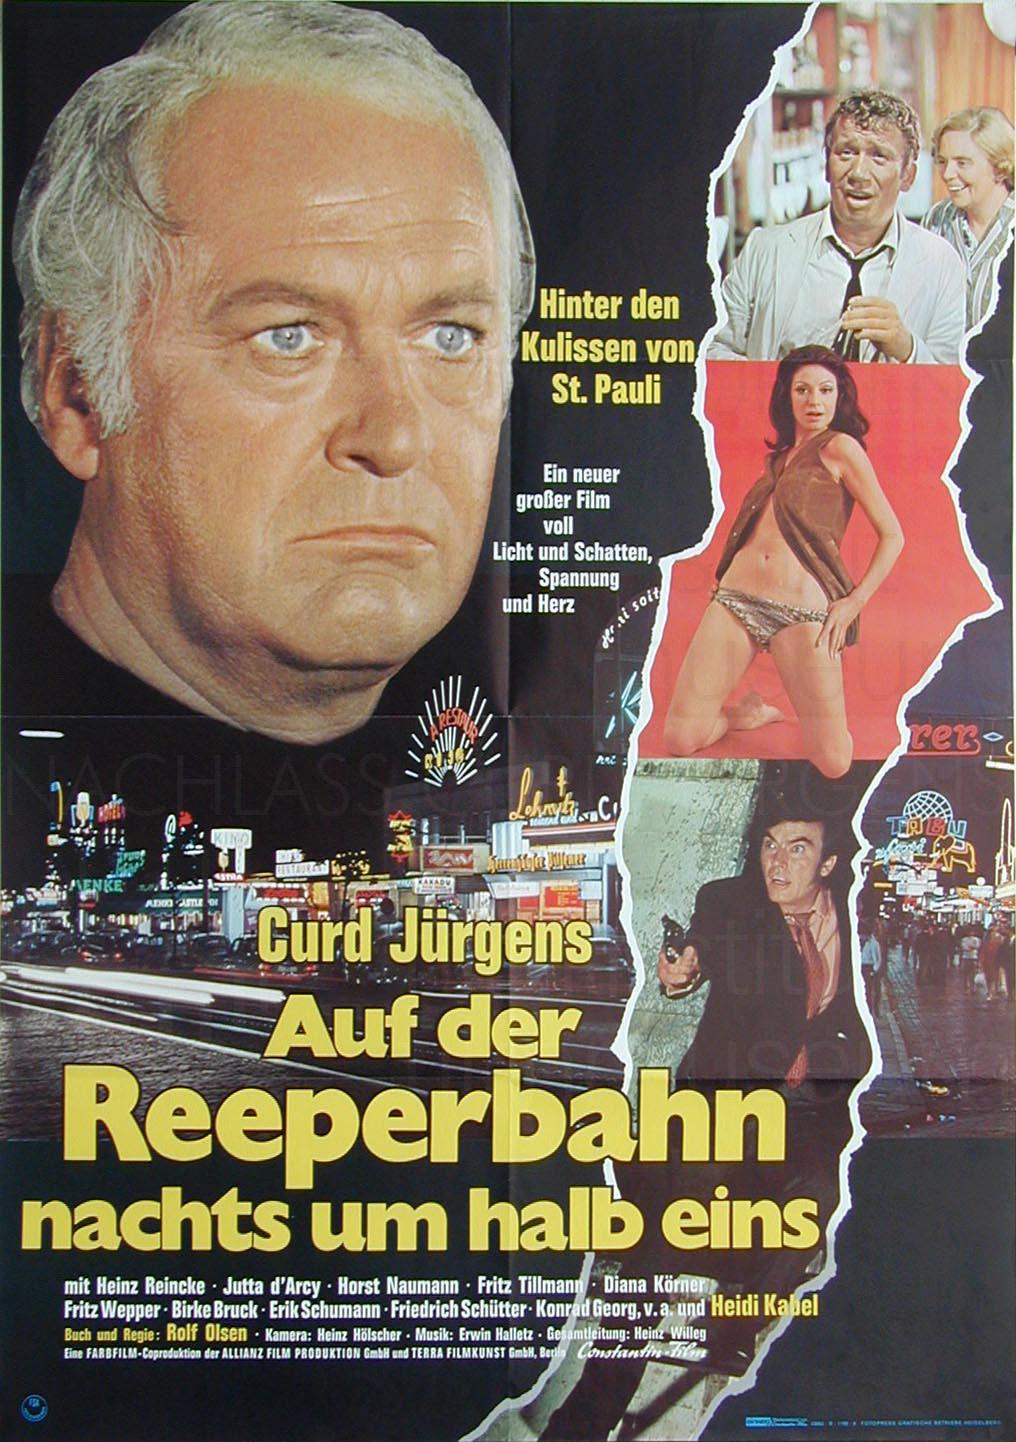 AUF DER REEPERBAHN NACHTS UM HALB EINS (1969)